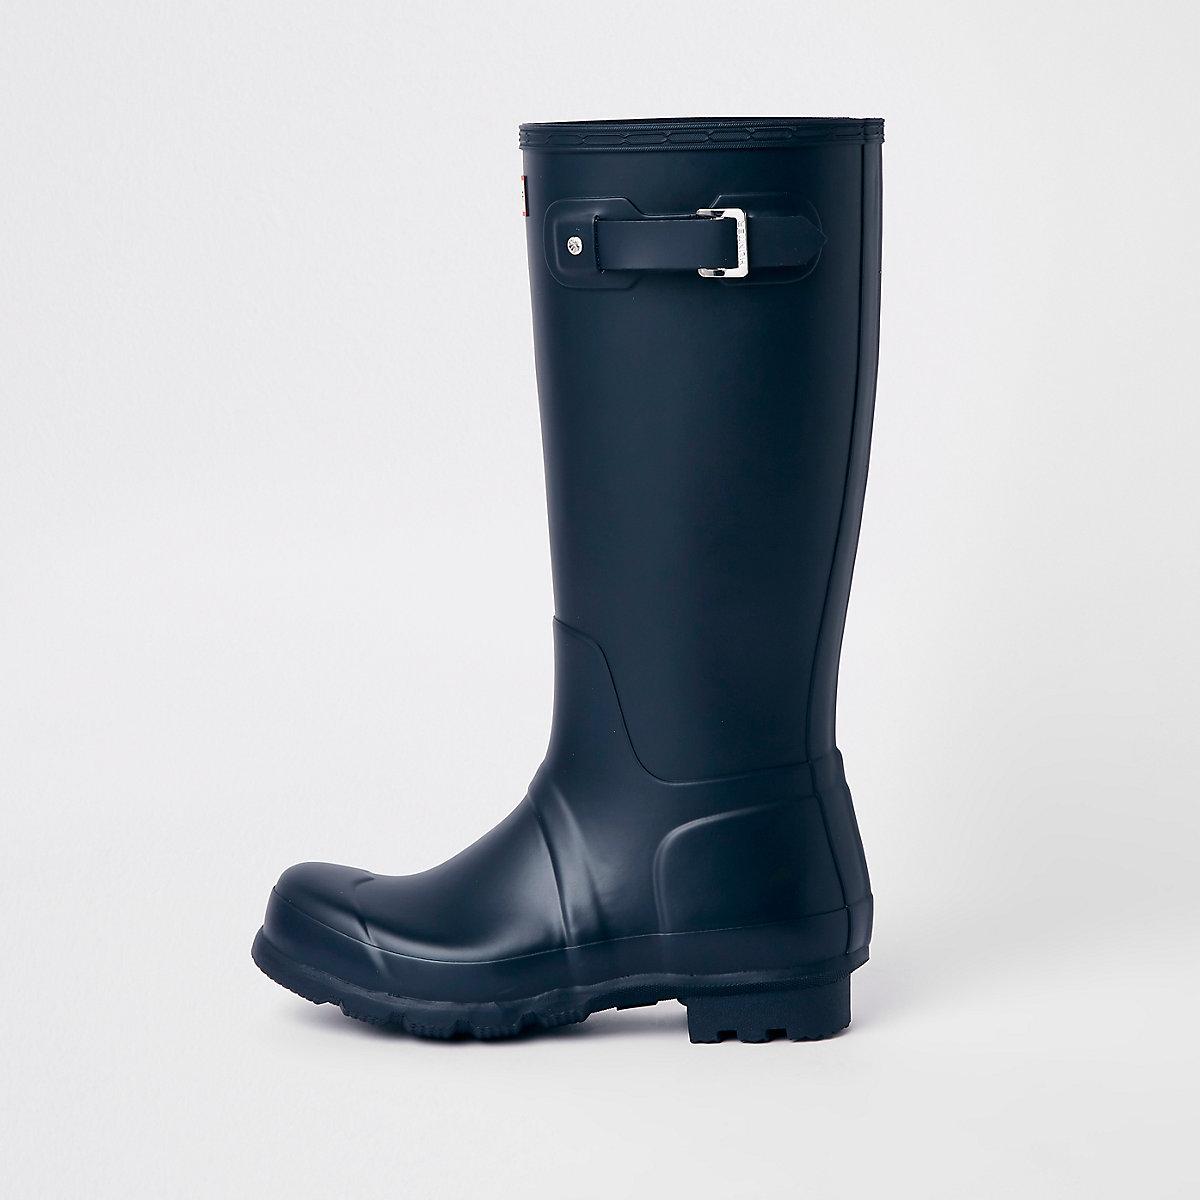 Hunter Original navy tall rubber boots